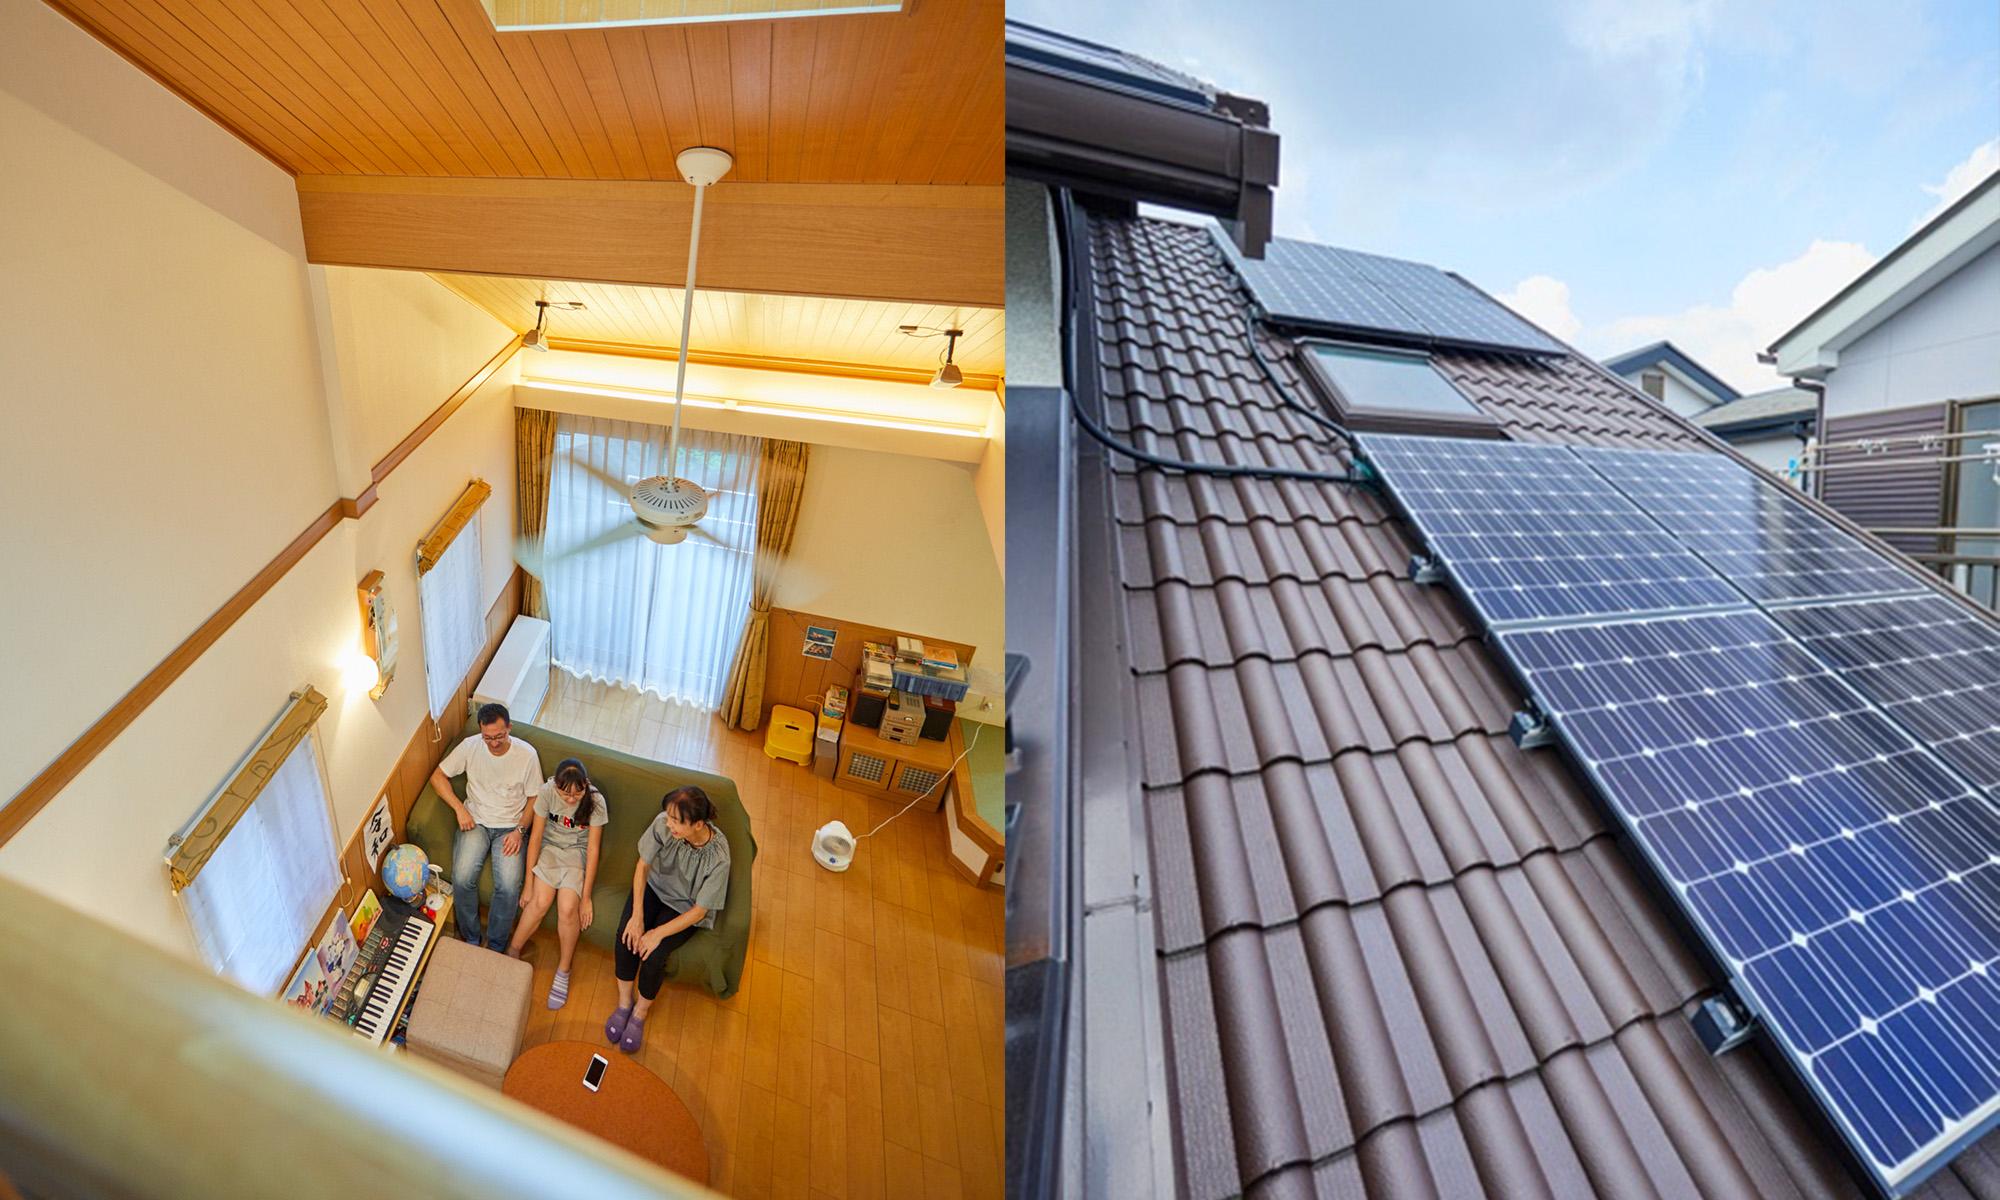 光 太陽 積水 ハウス 屋根のシルエットを大切にした独自の瓦型太陽光発電システムを標準装備 「ダインズ・バリュー2」